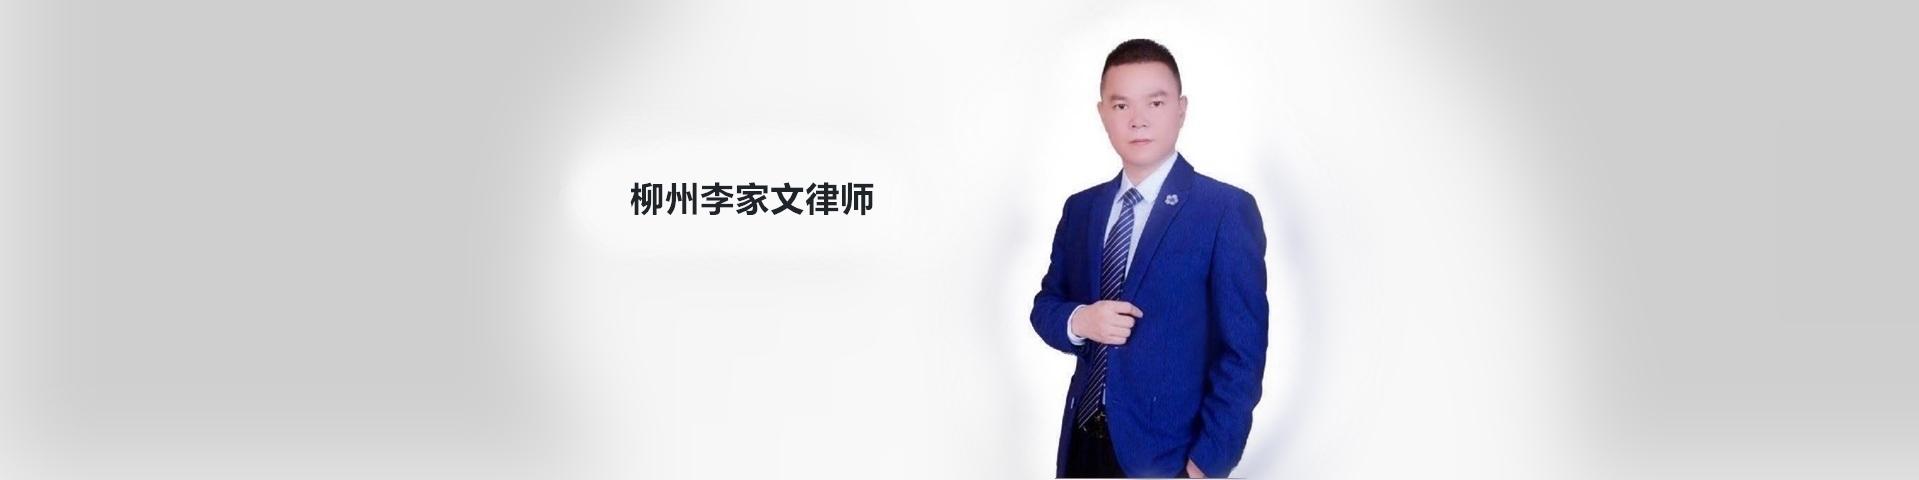 柳州离婚律师大图一